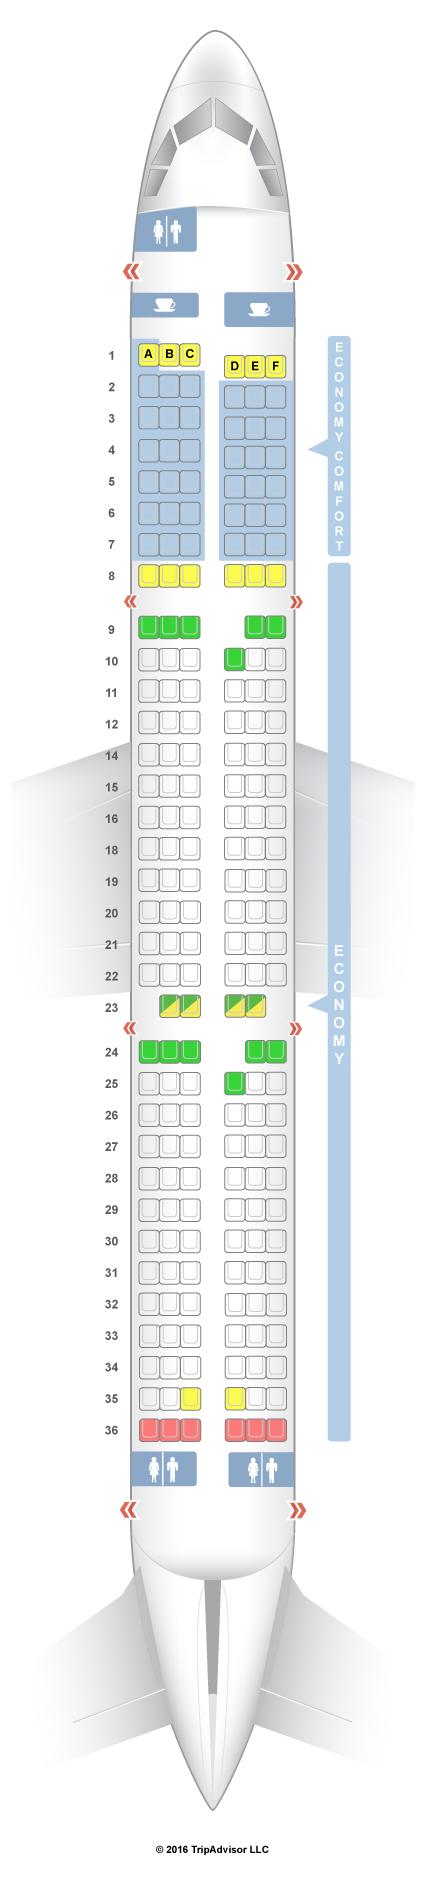 SeatGuru Seat Map Alitalia - SeatGuru